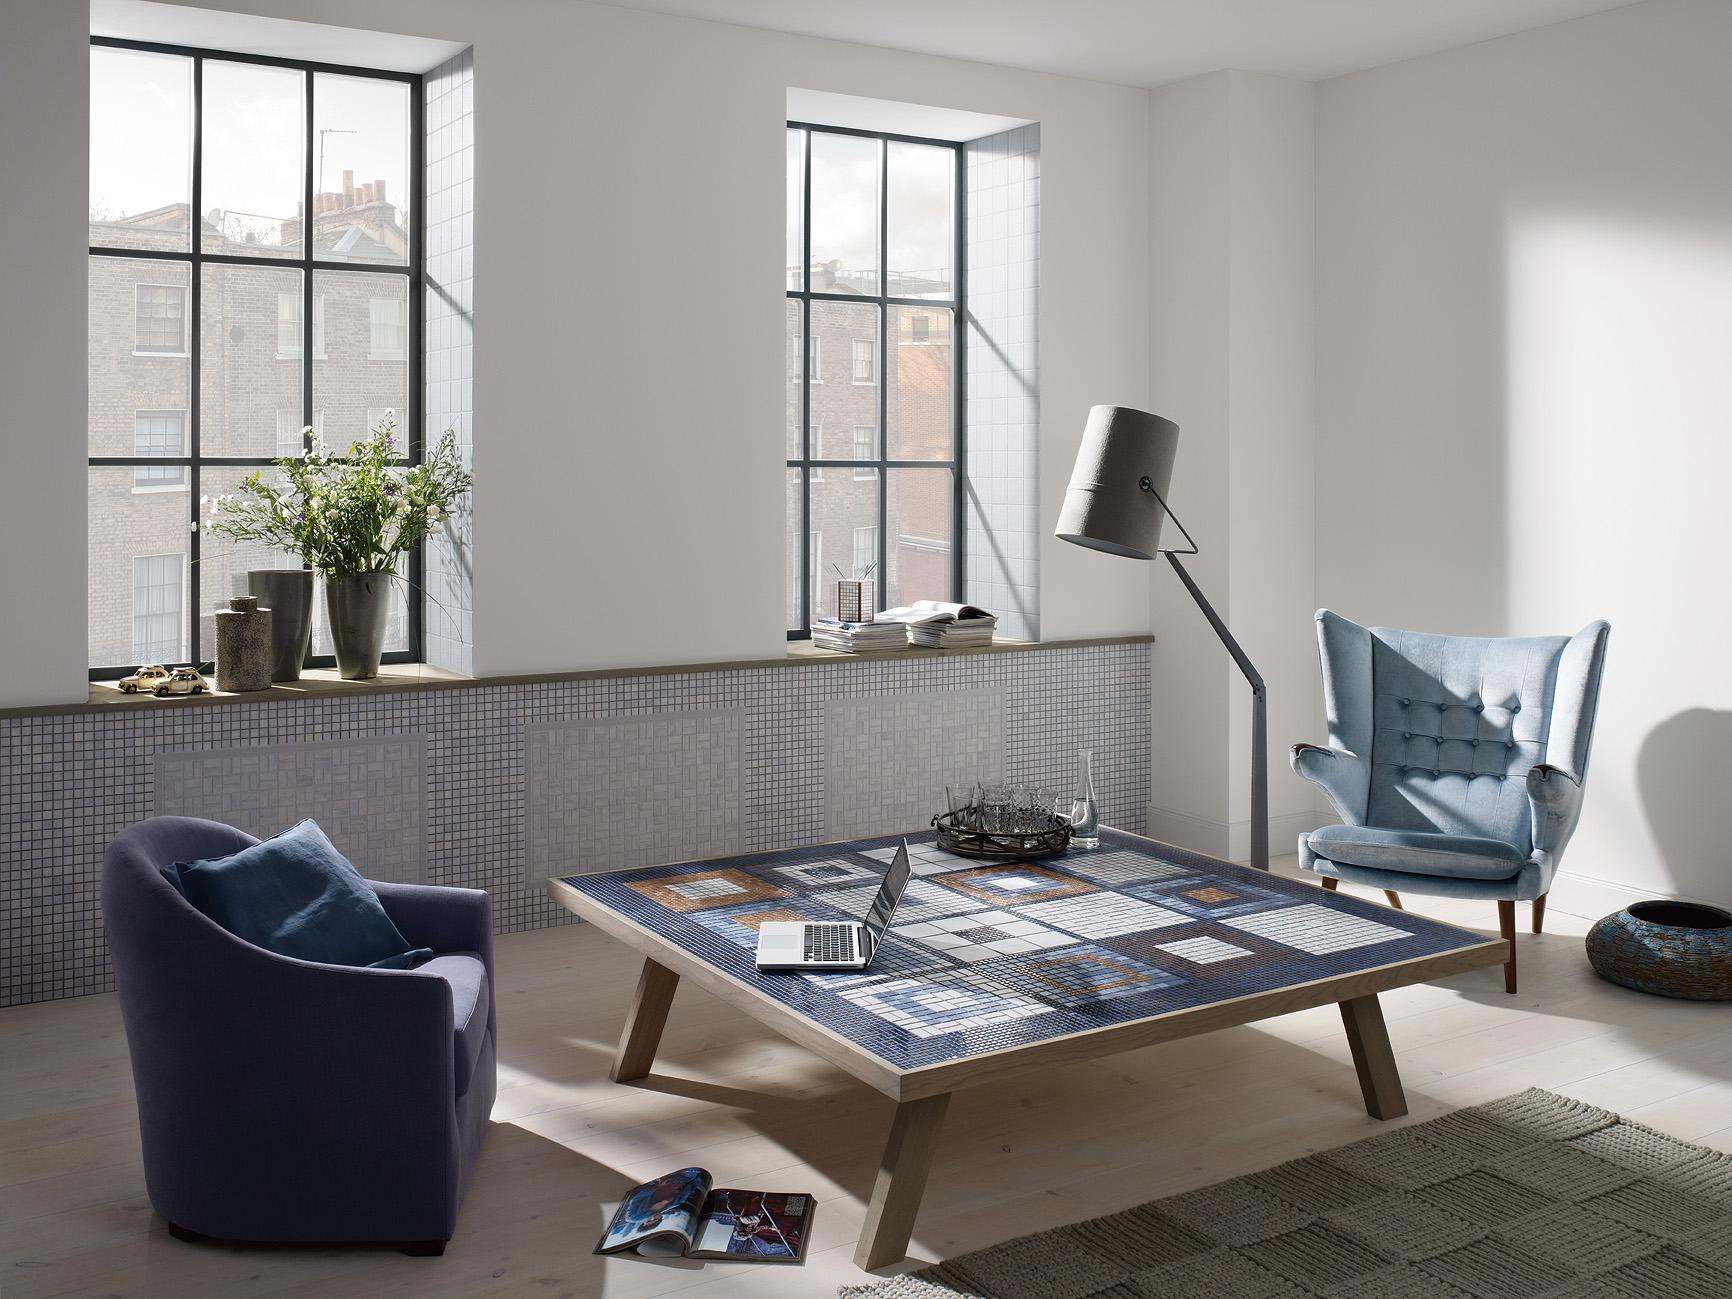 mosaikfliesen • bilder & ideen • couchstyle, Wohnzimmer